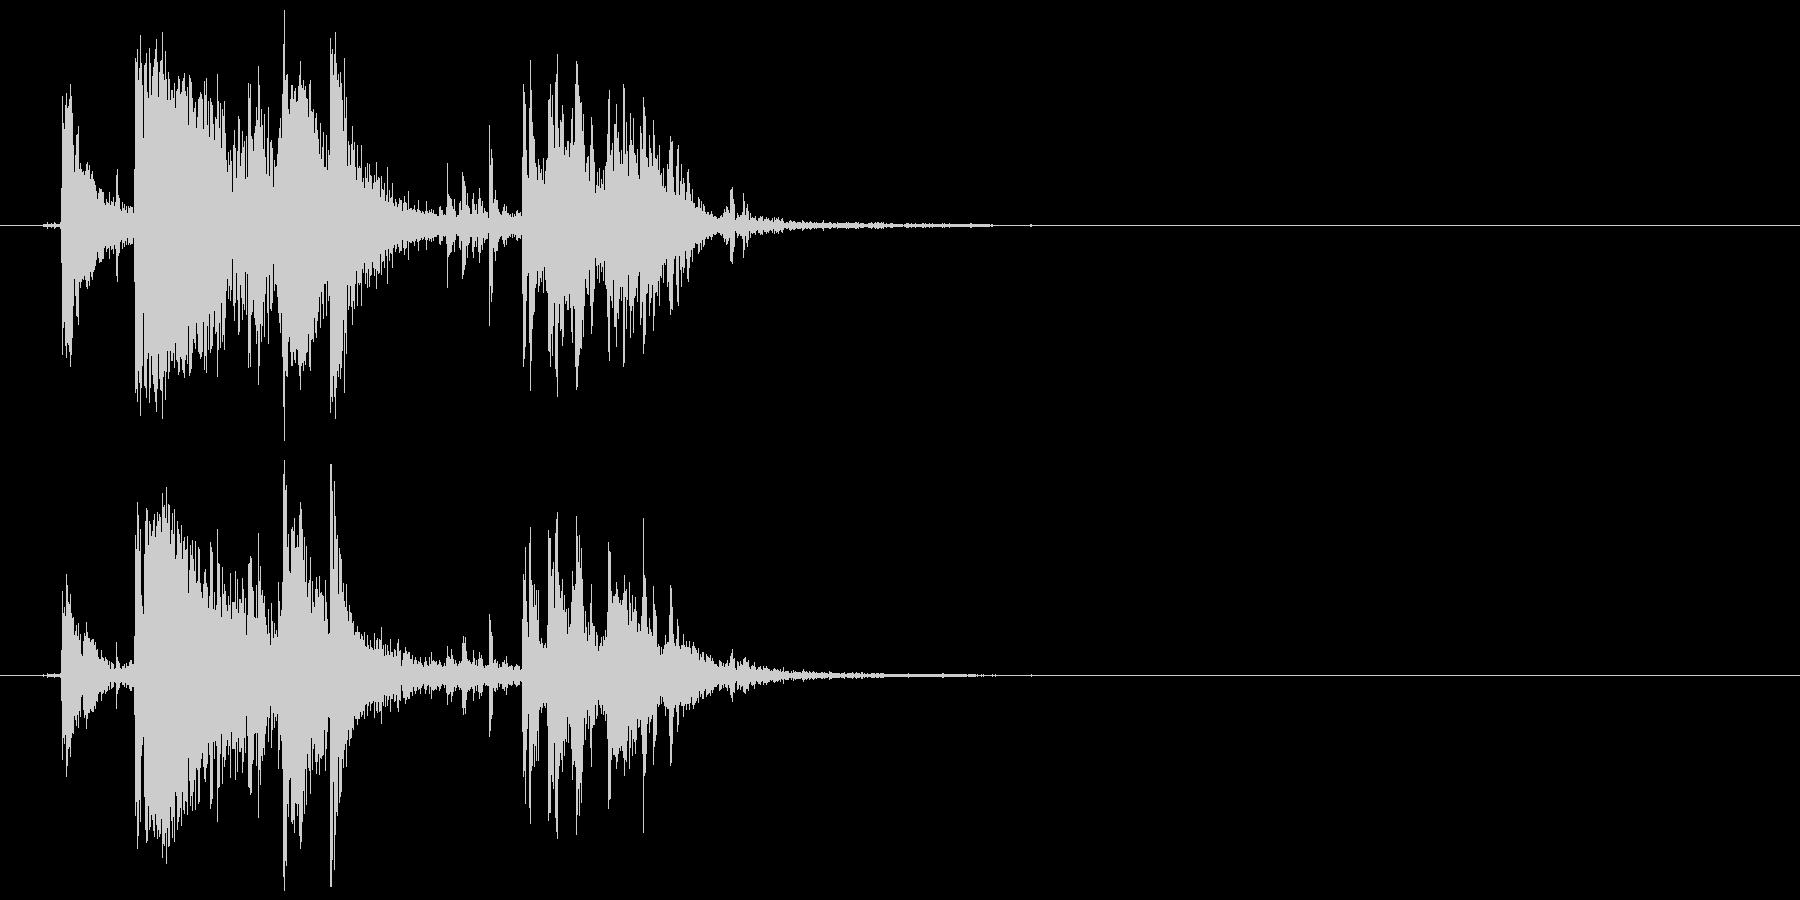 氷 入れる、揺れる等 (キン、カラッ)の未再生の波形